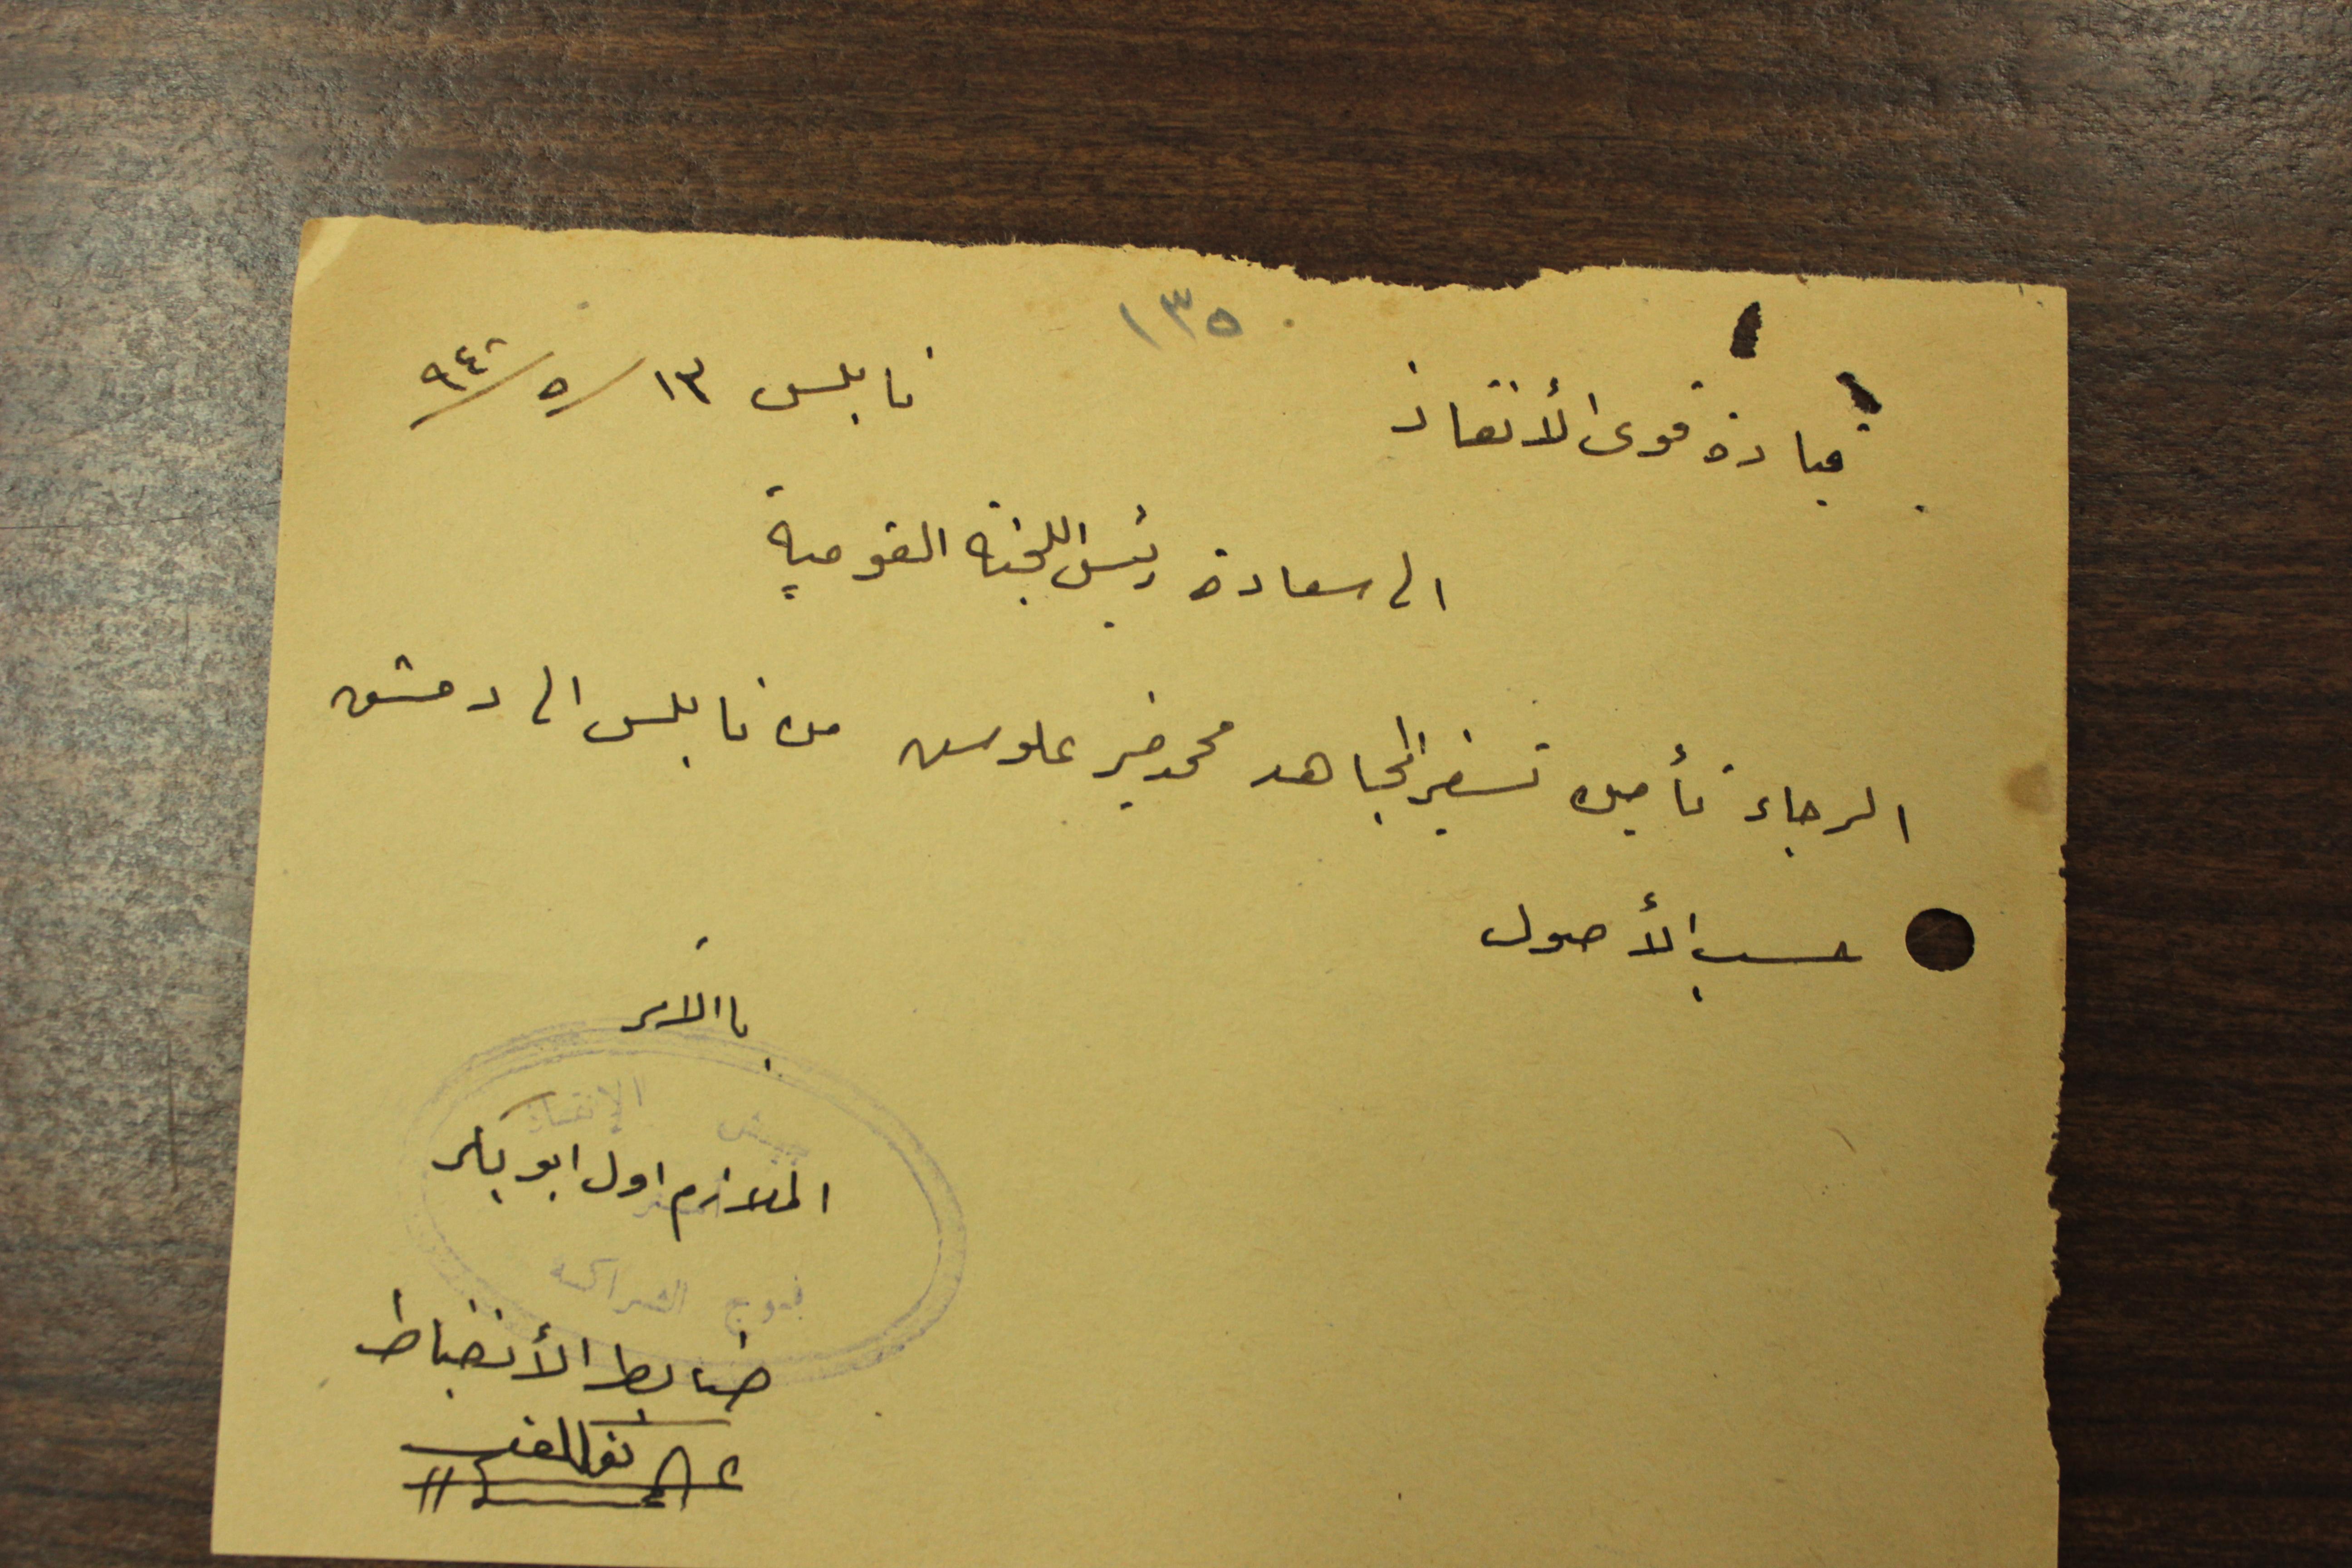 قيادة قوى الانقاذ إلى اللجنة القومية العربية عام 1948 (25).JPG